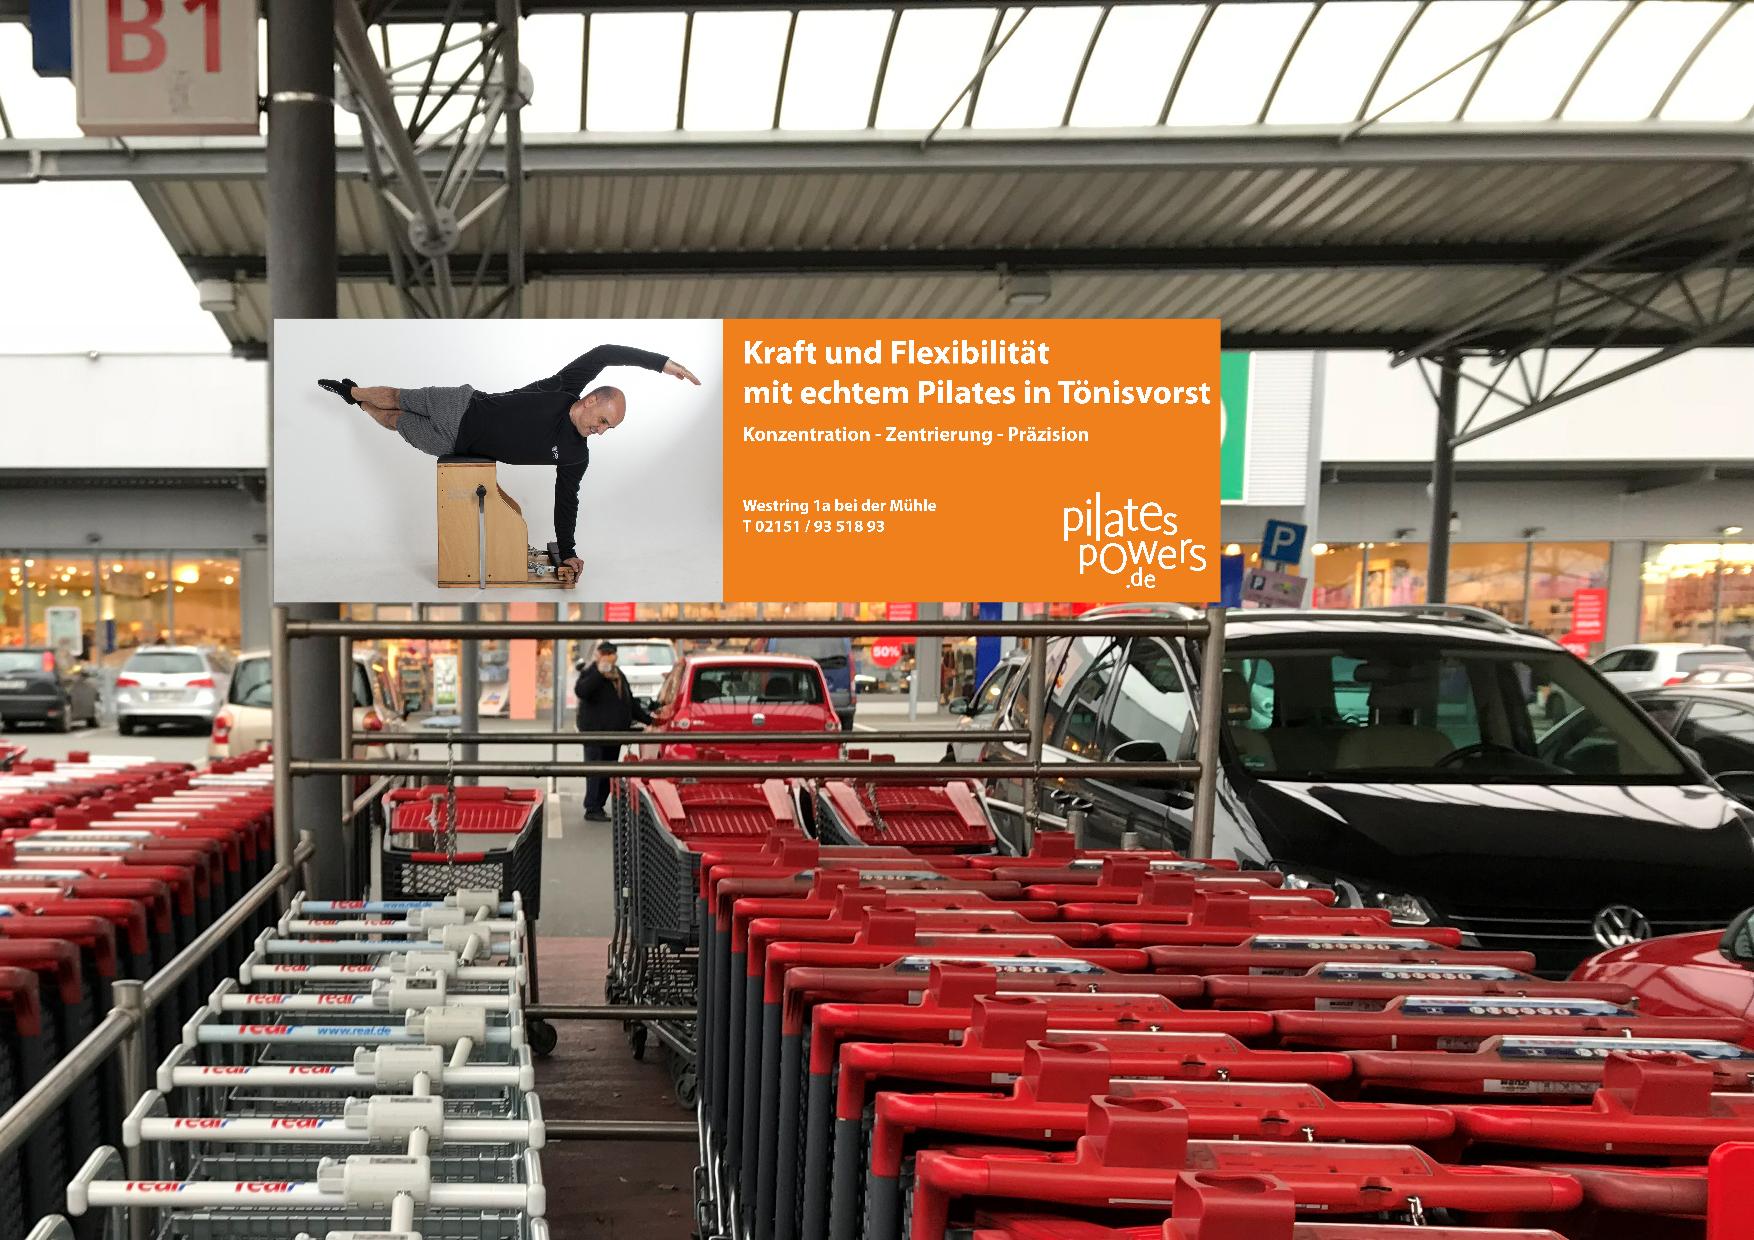 Motiv 3 - Reiner im Twist auf dem Wunda ChairFotografin: Ira Ingenpaß